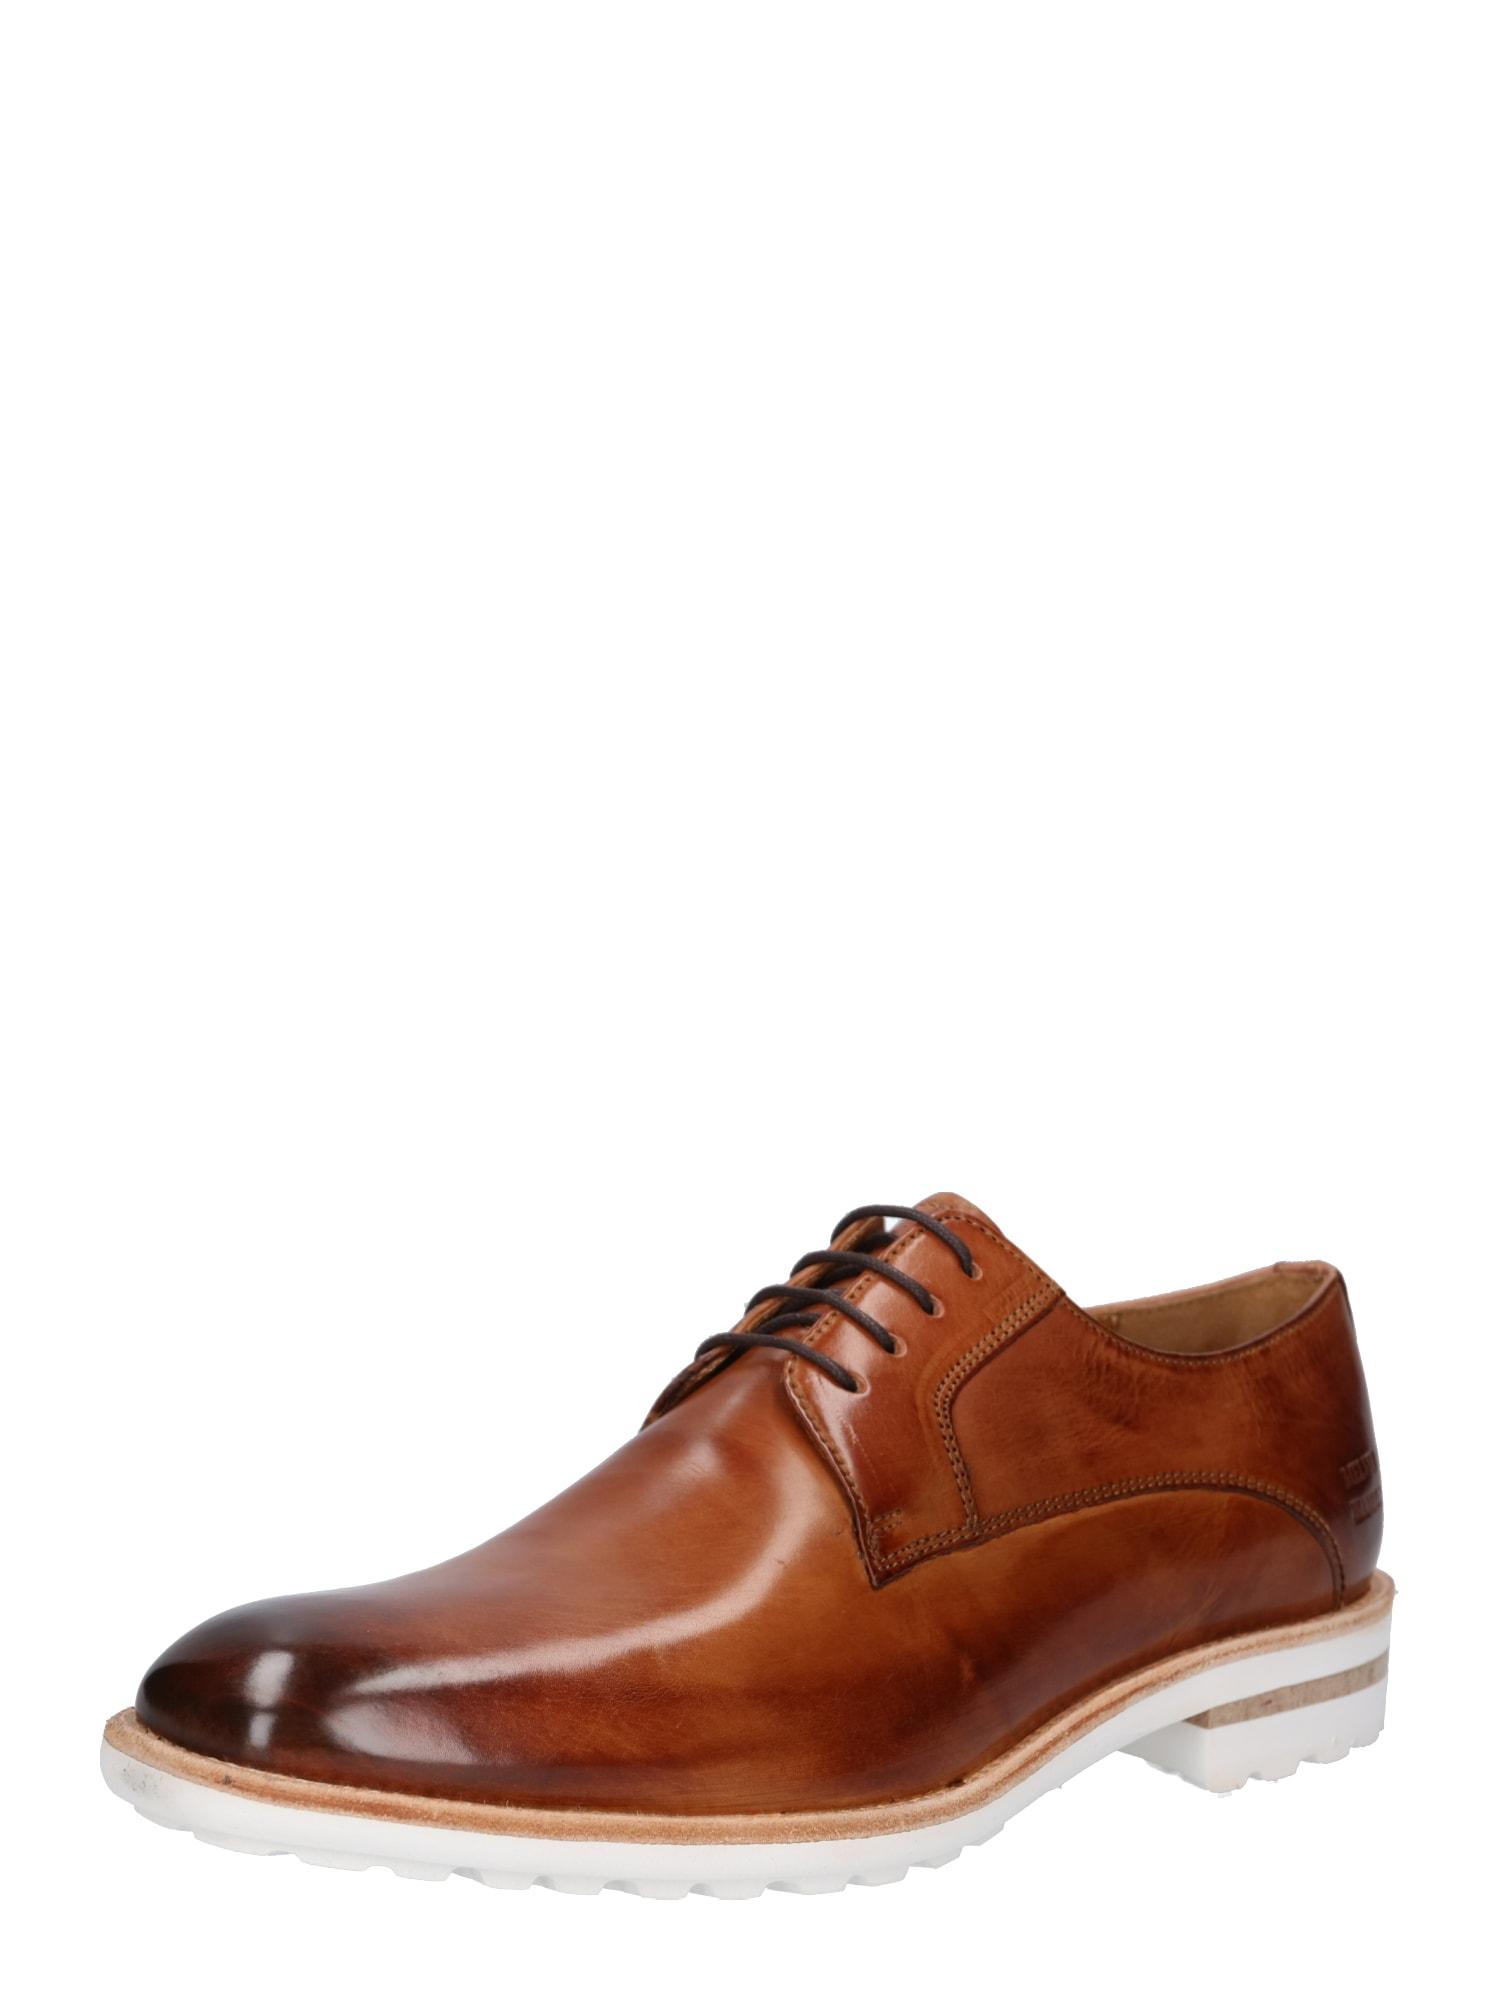 Šněrovací boty Eddy hnědá MELVIN & HAMILTON